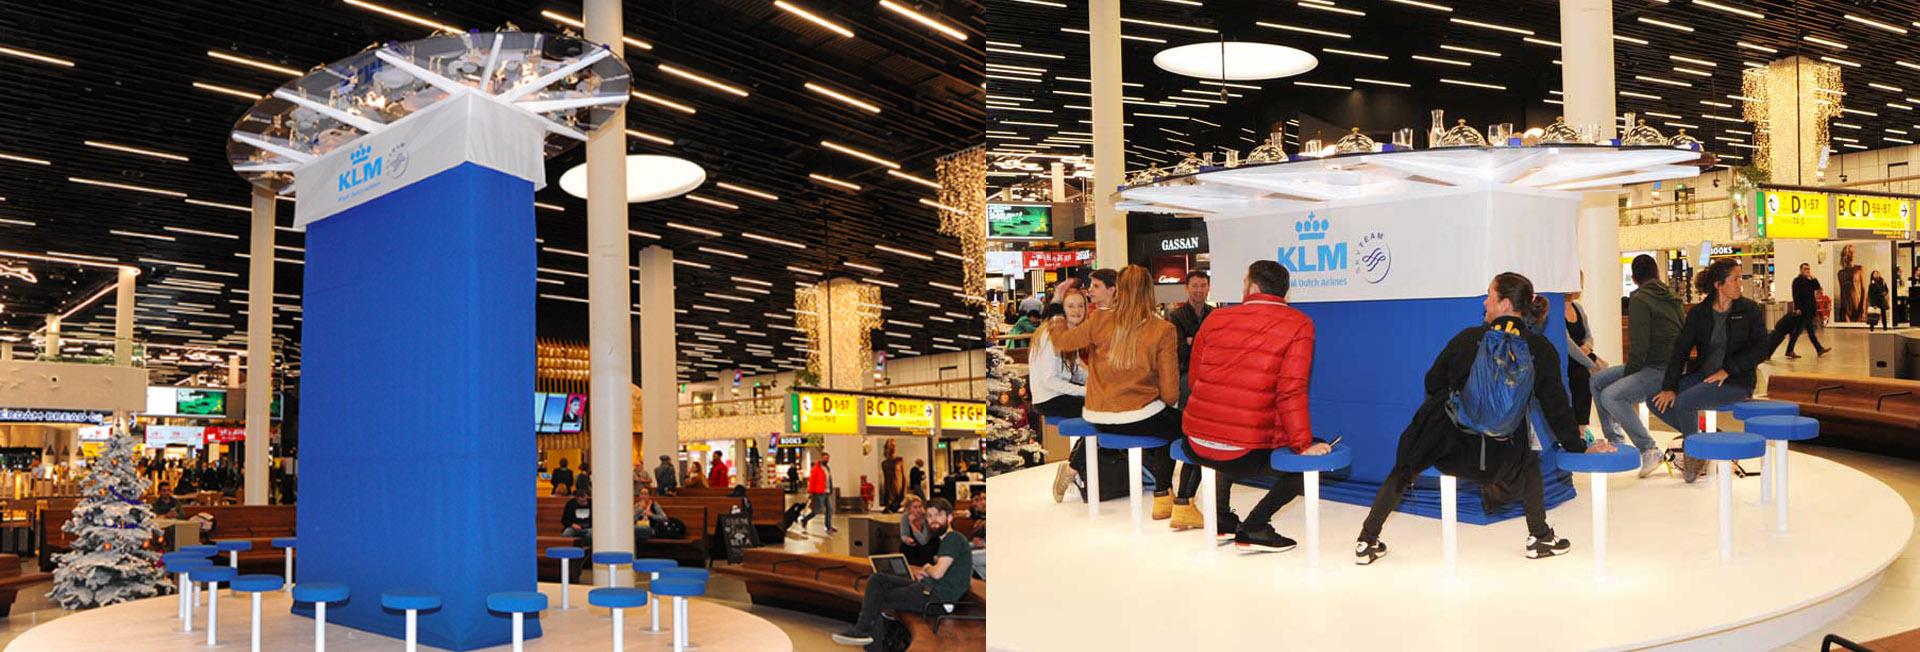 KLM Christmas buffet